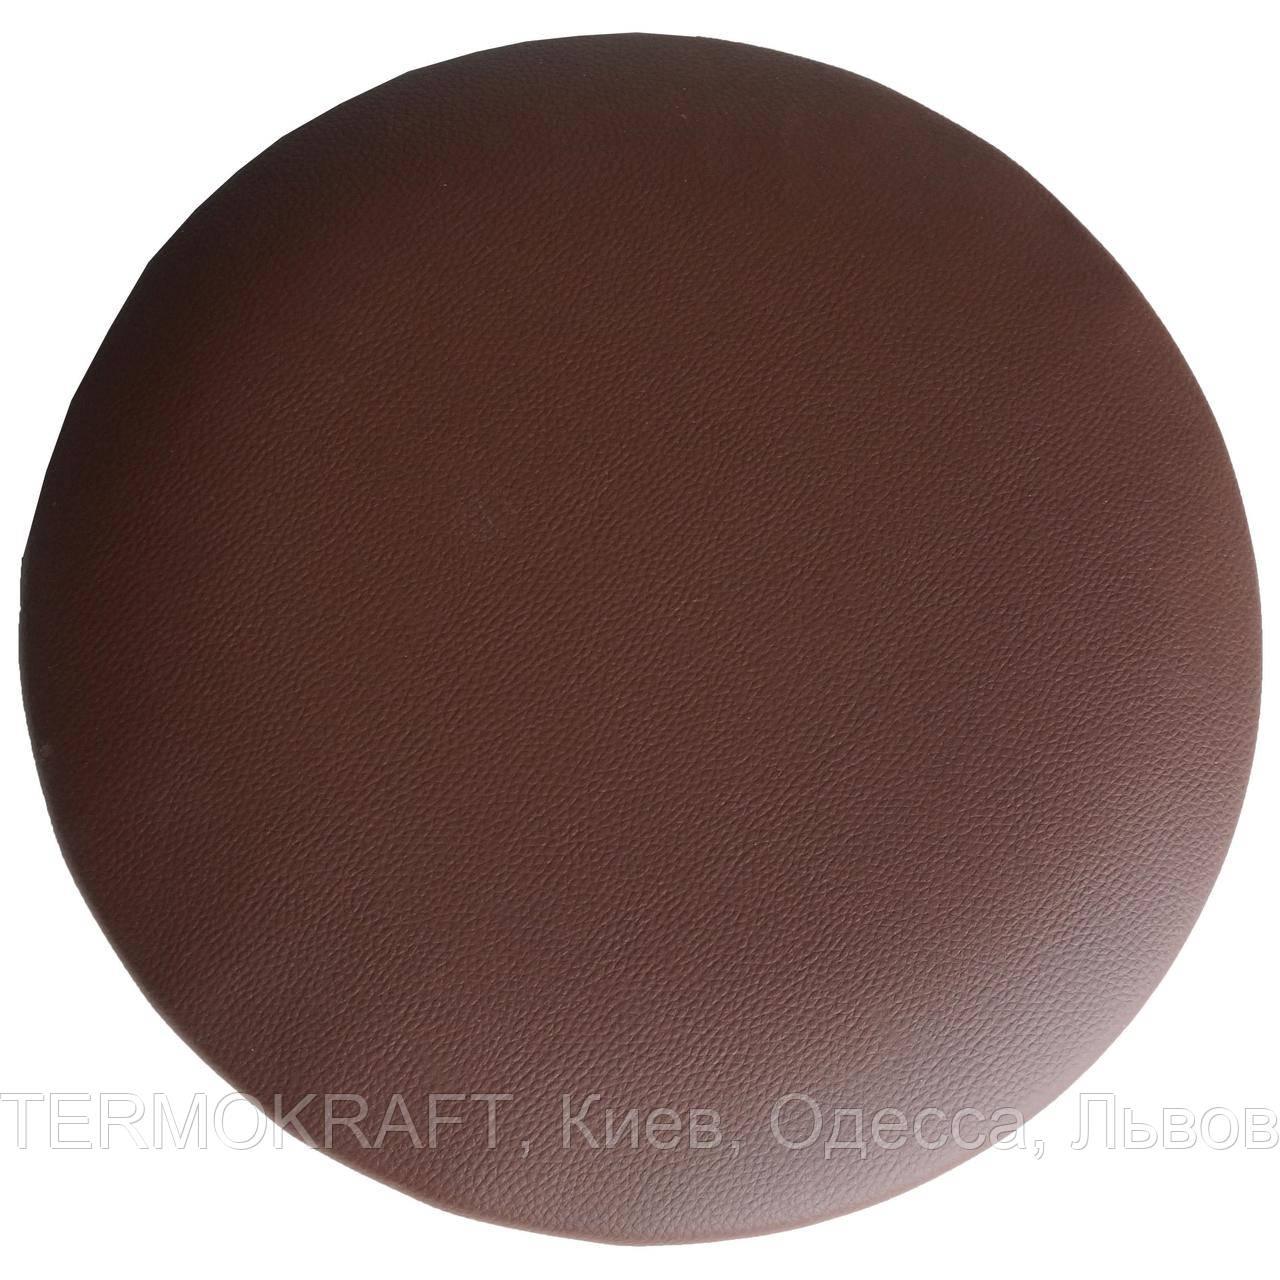 Сидіння стільця АНТ D-400 кругле коричневе